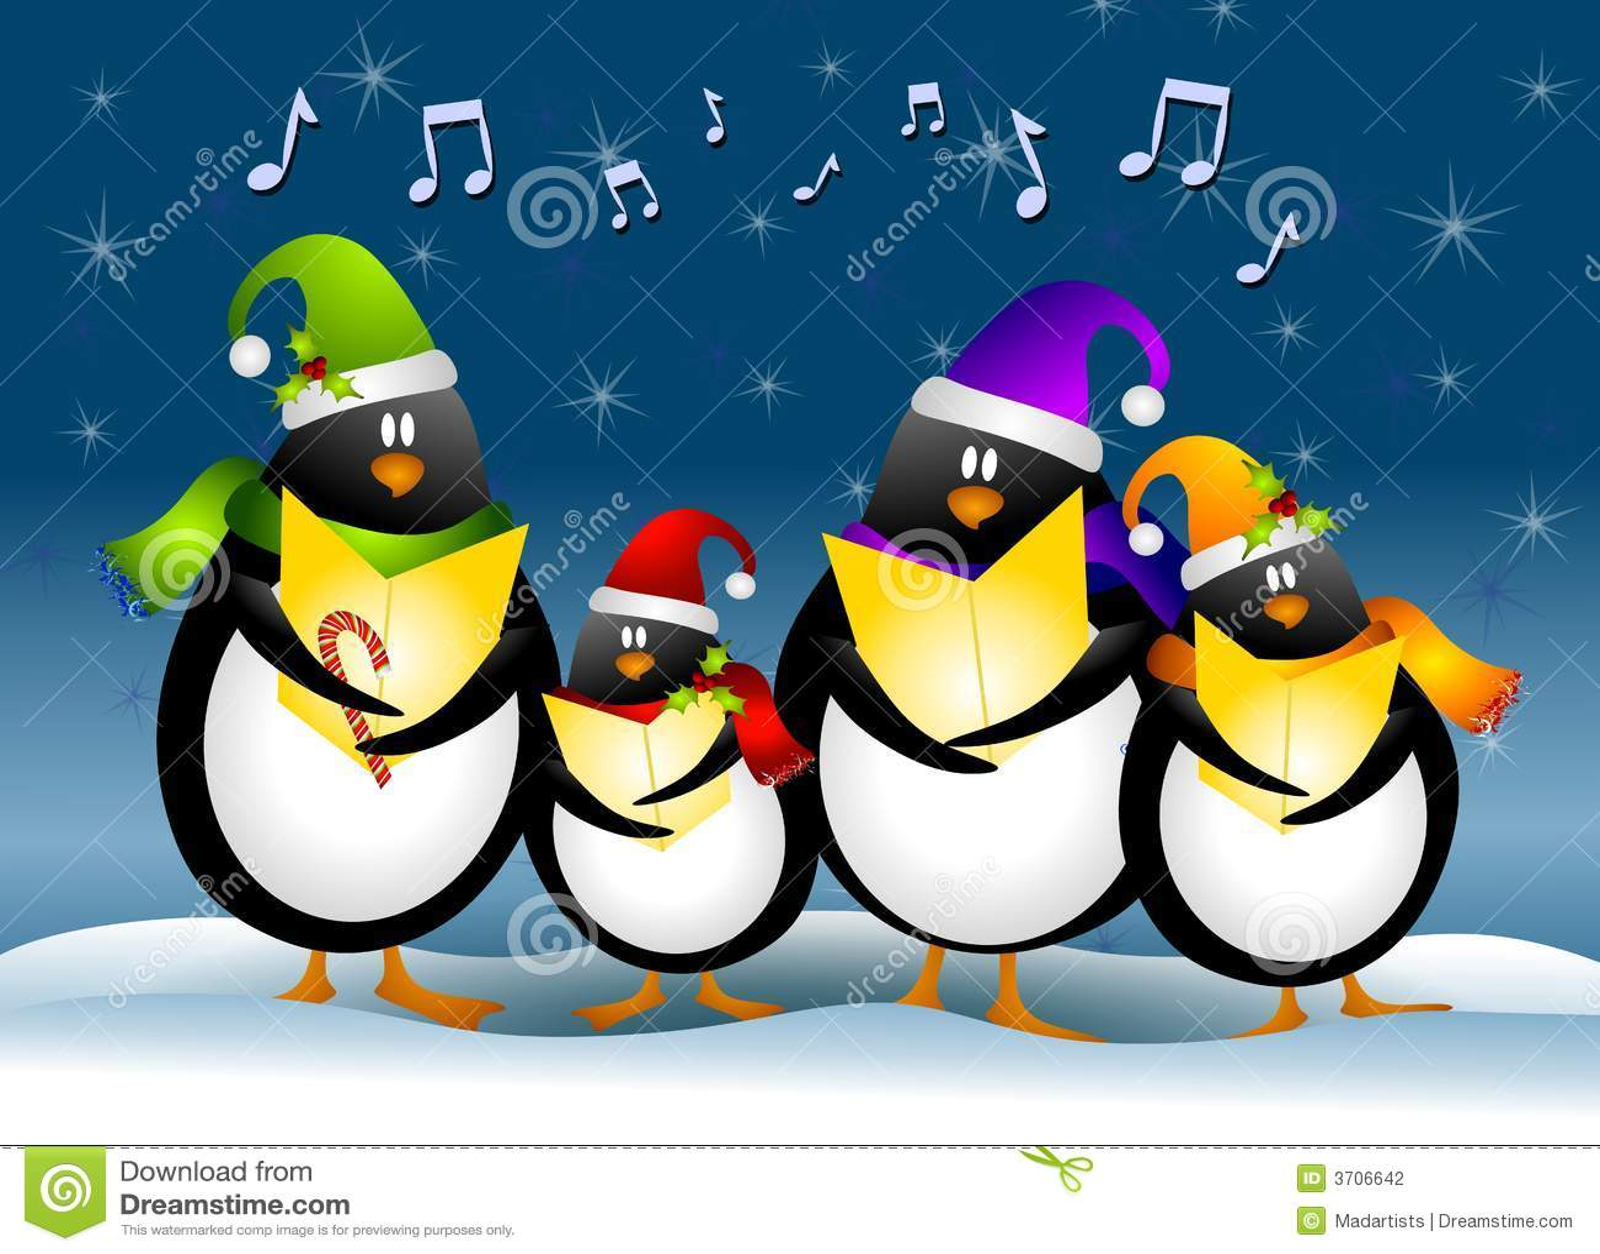 Gesang-WeihnachtsPinguine